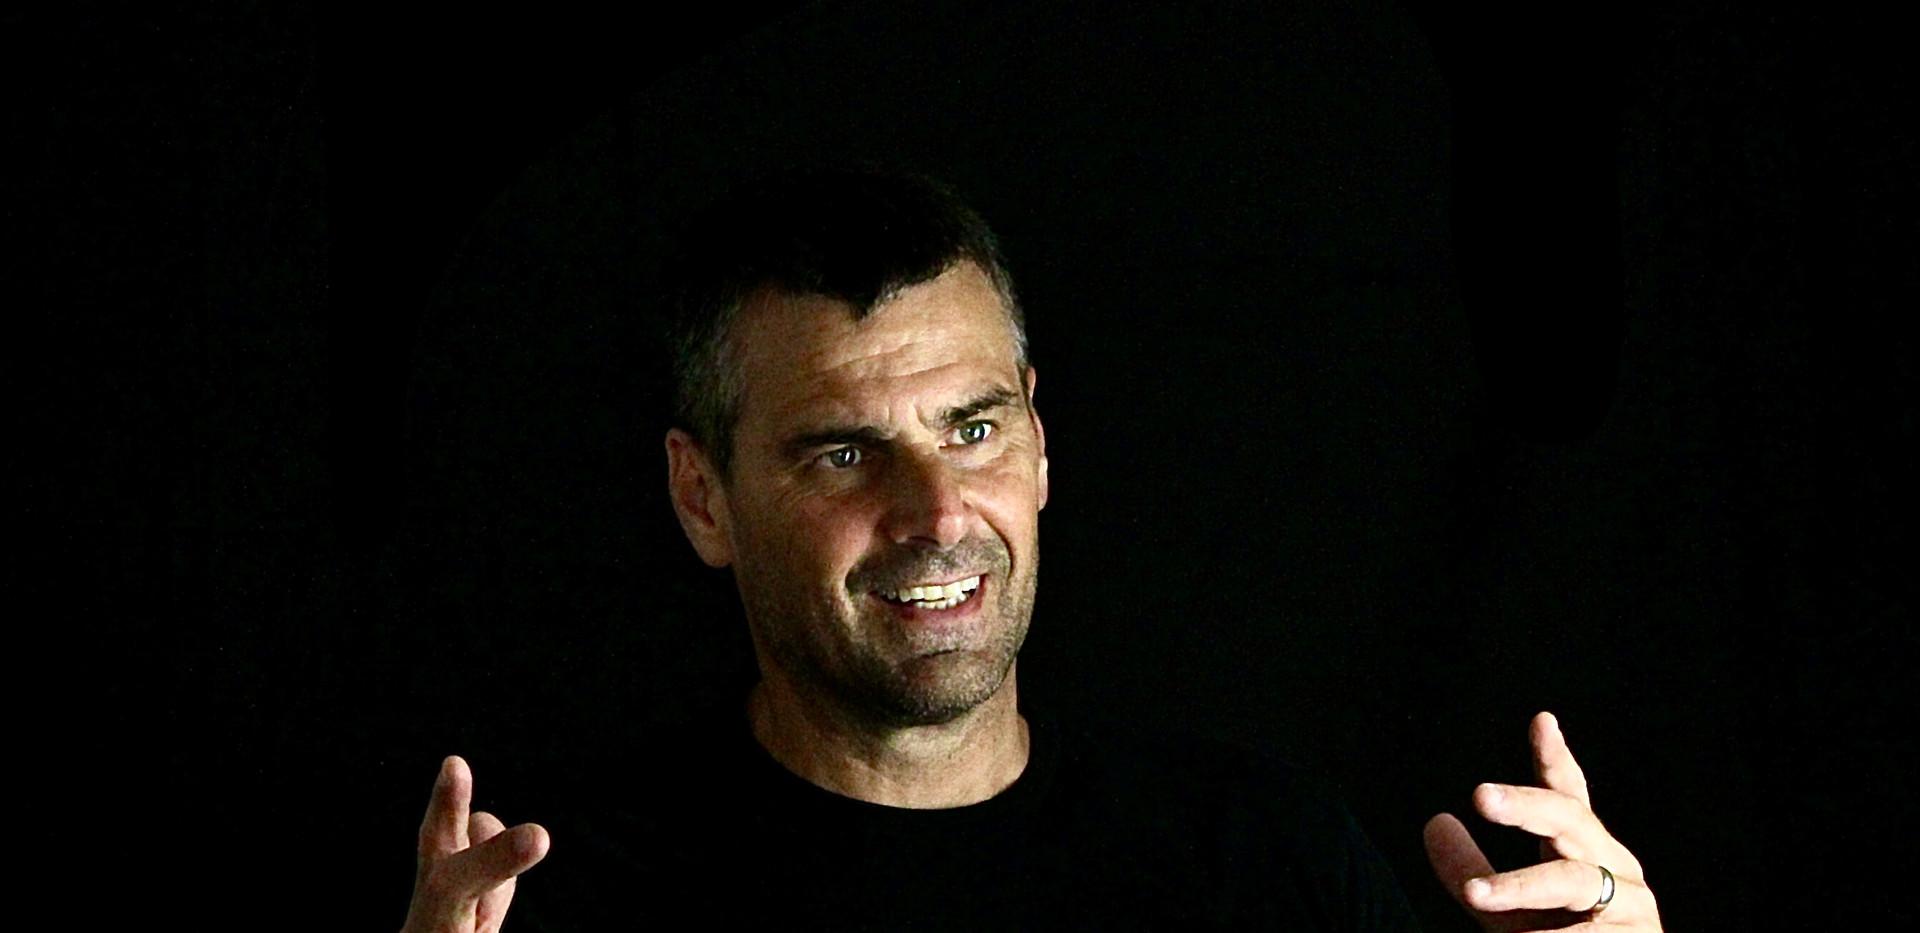 Maurilio Barozzi